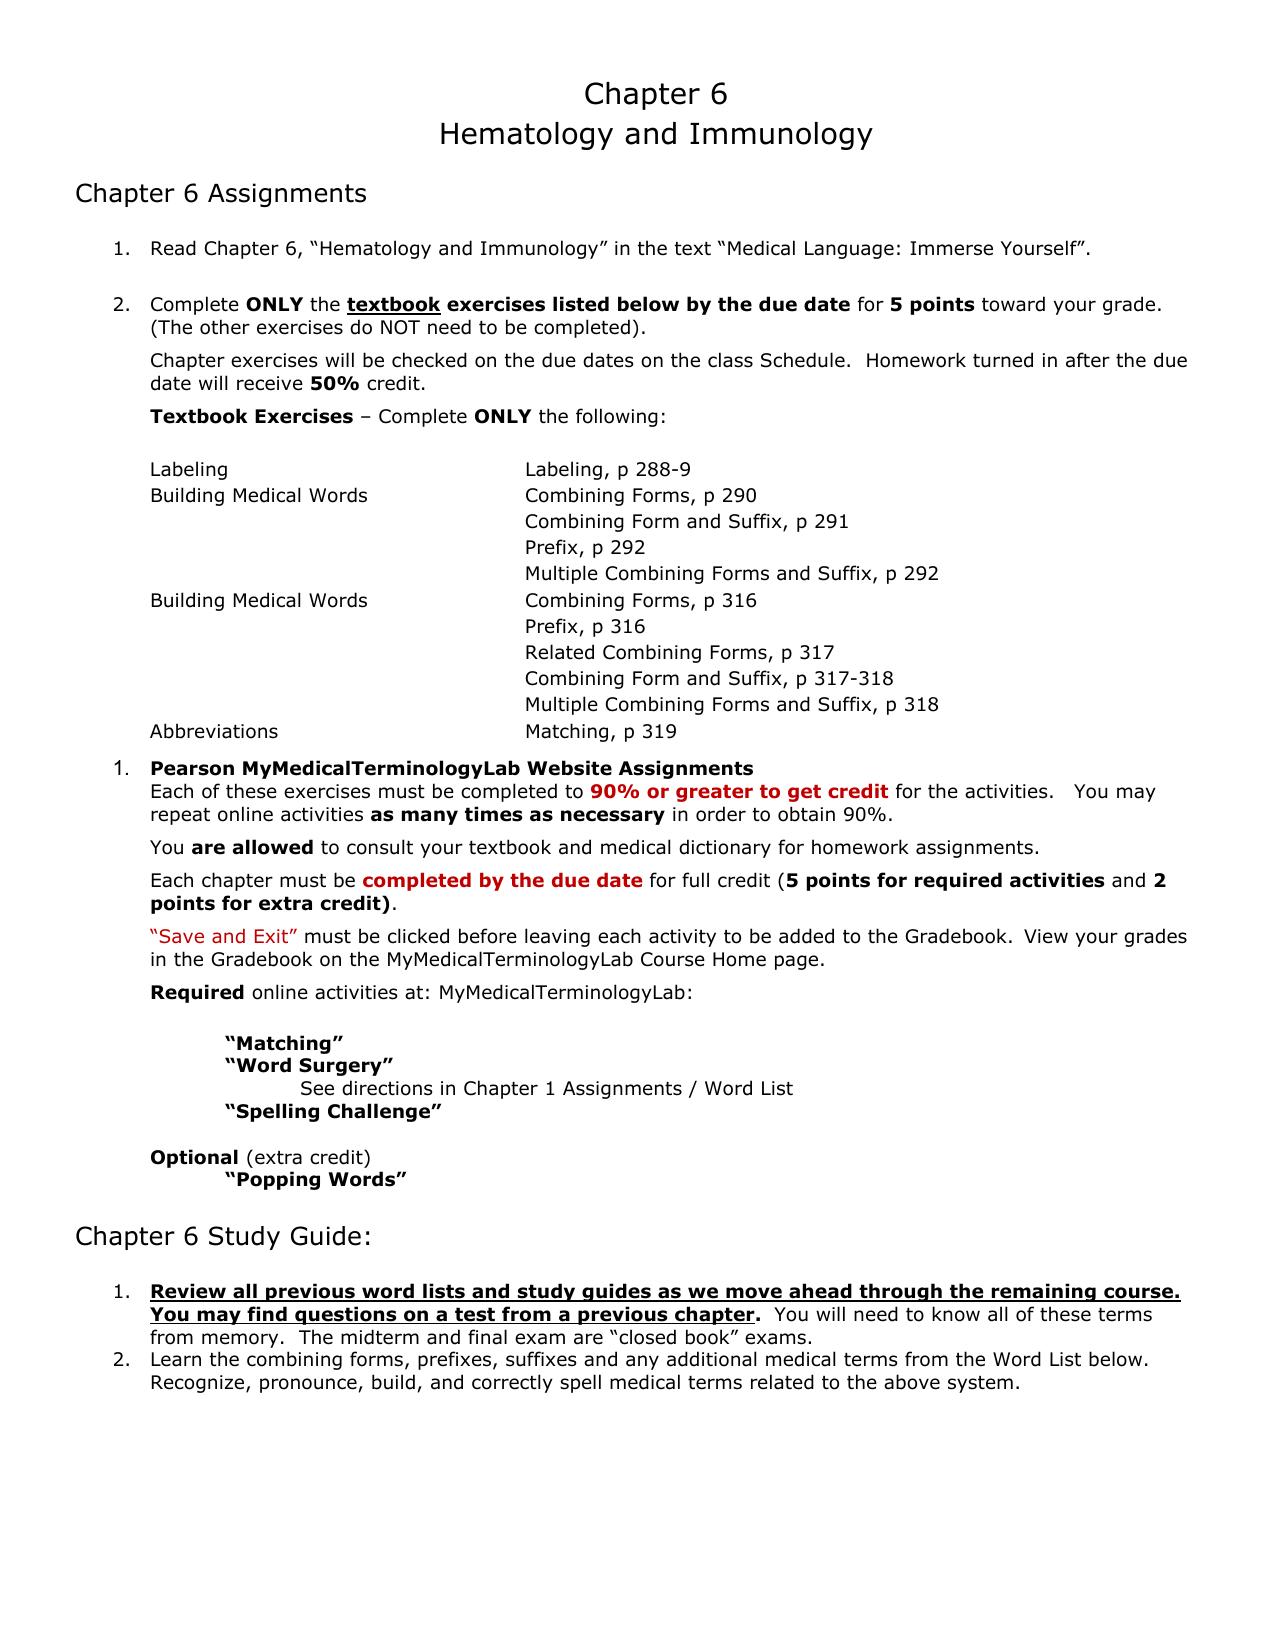 Chapter 6 Hematology and Immunology